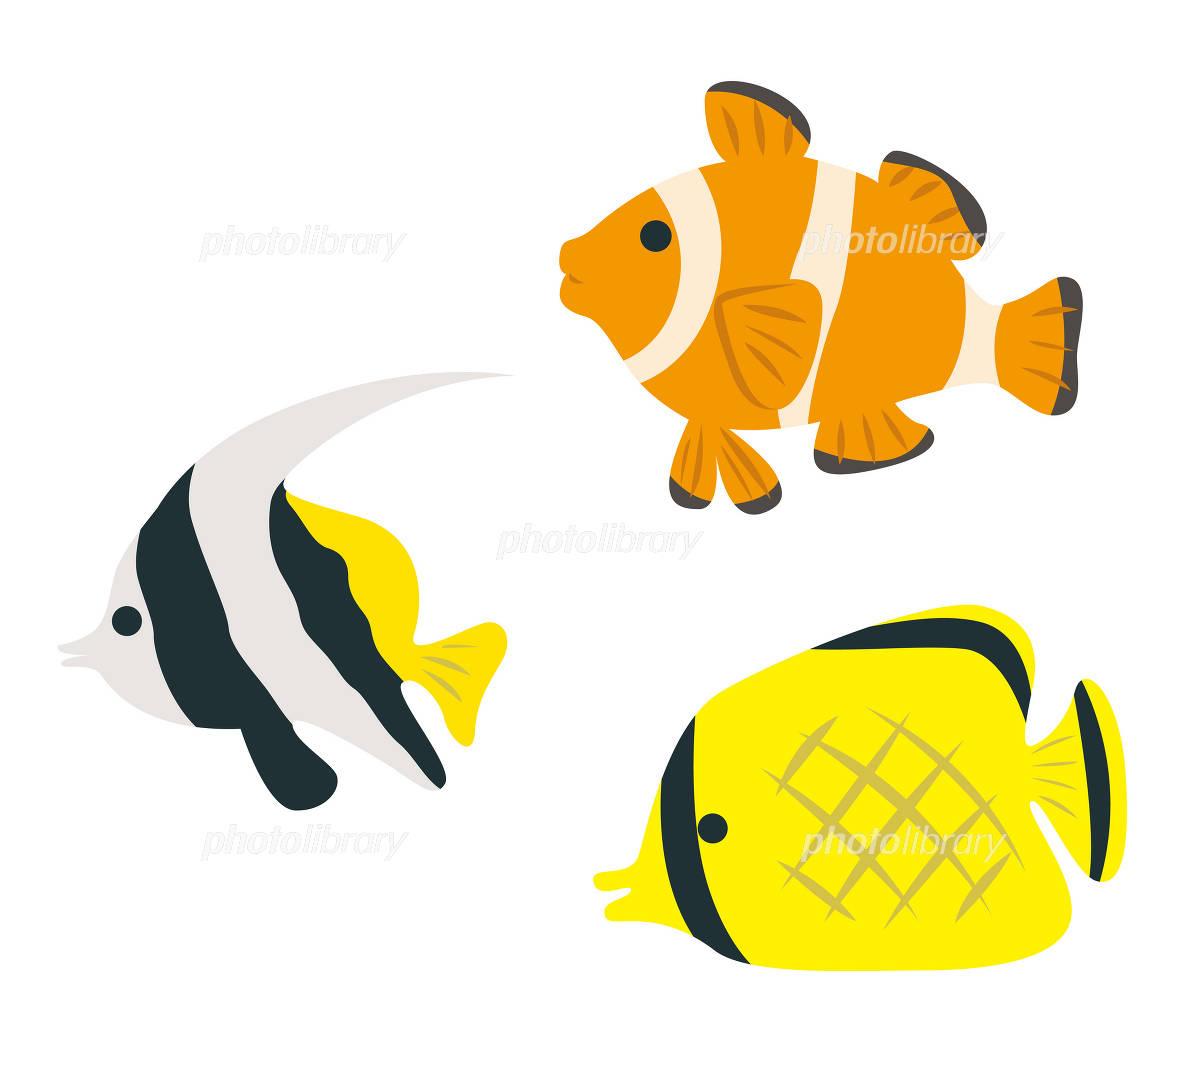 熱帯魚 イラスト素材 ... : メッセージ イラスト 無料 : イラスト